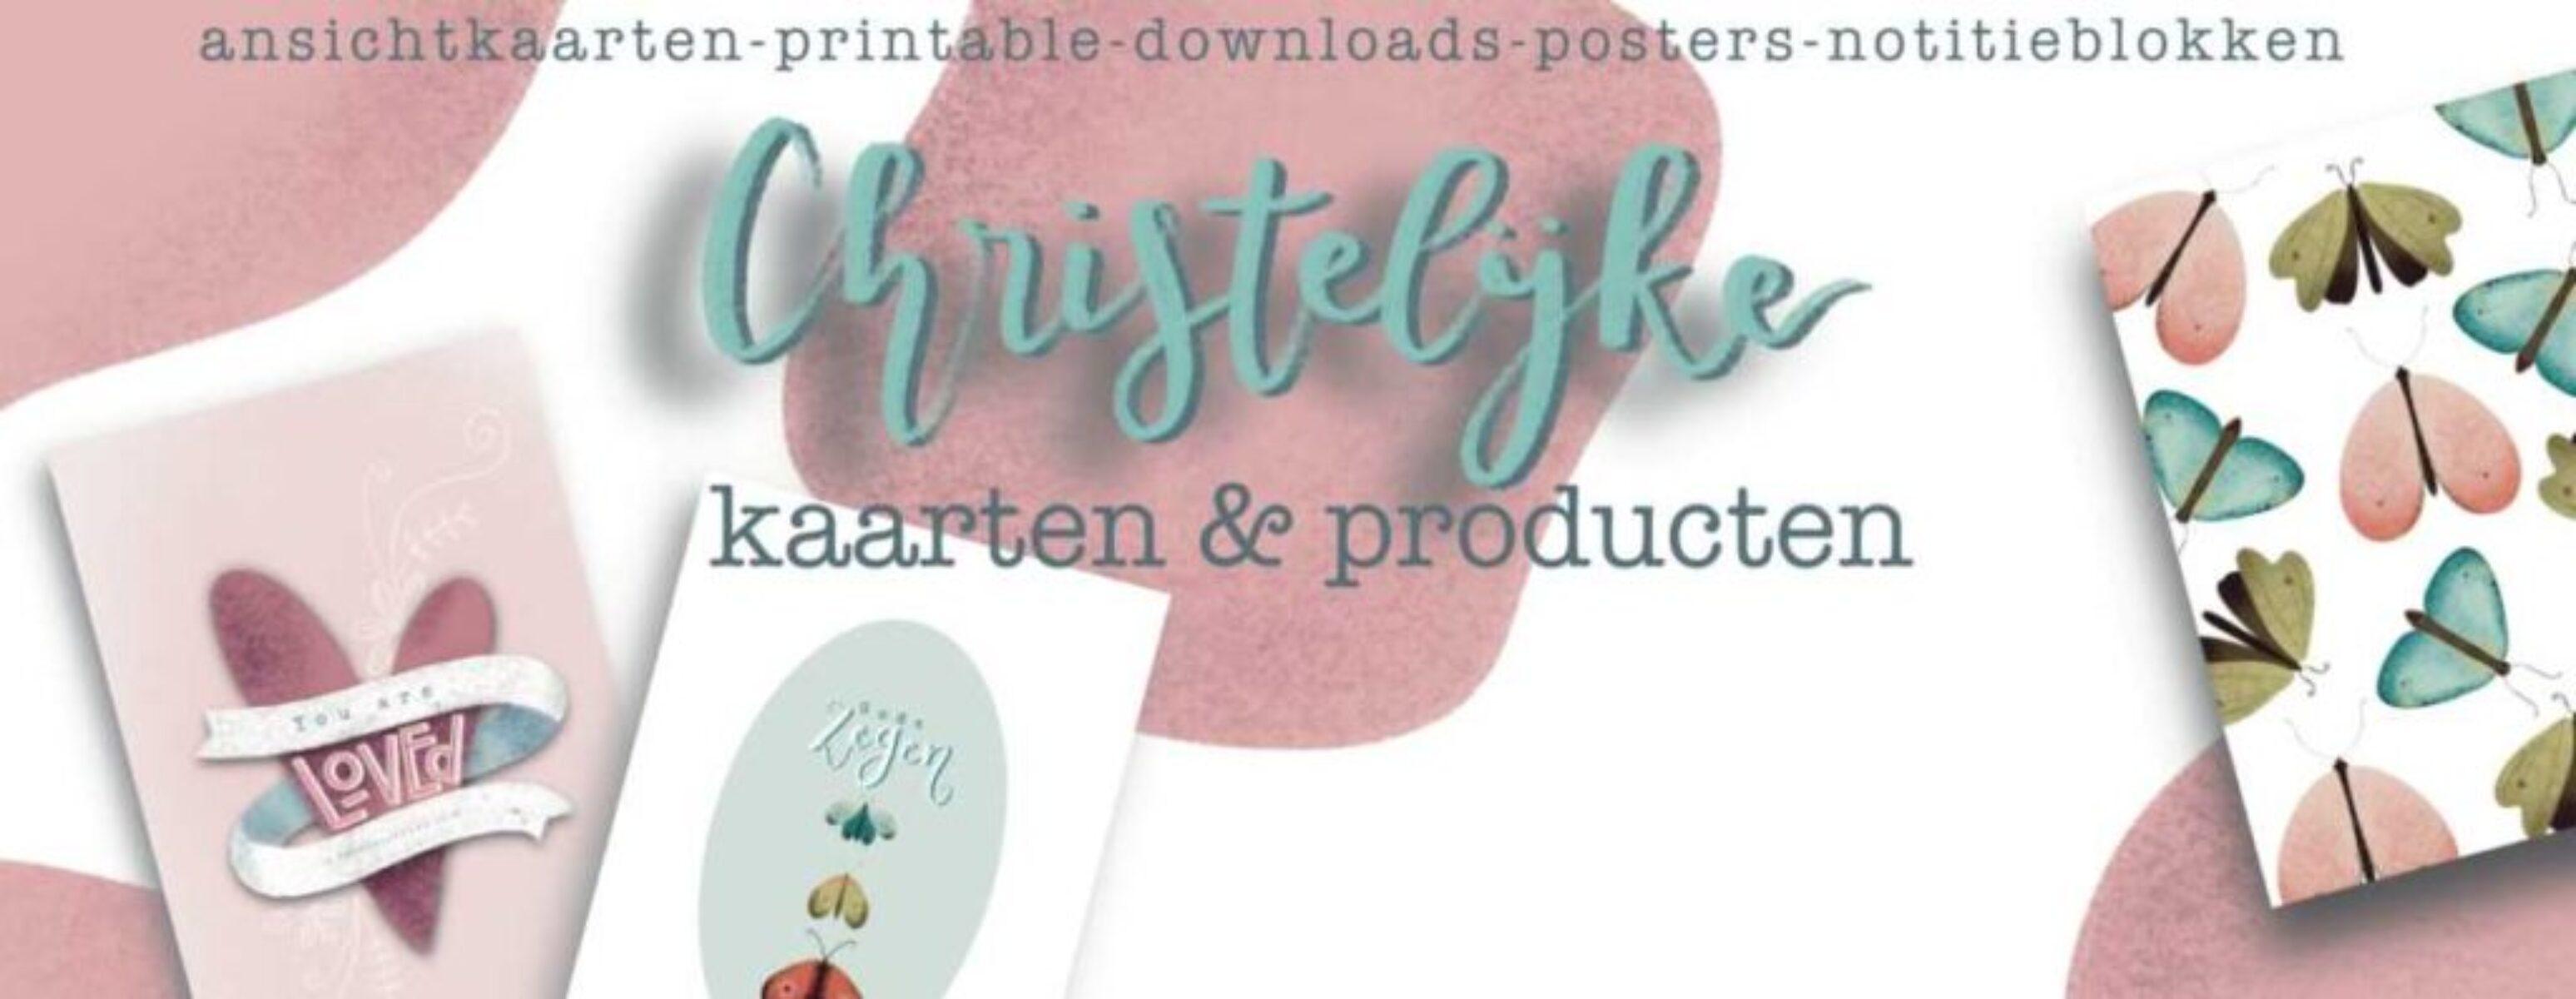 Webshop_Christelijke_Kaarten